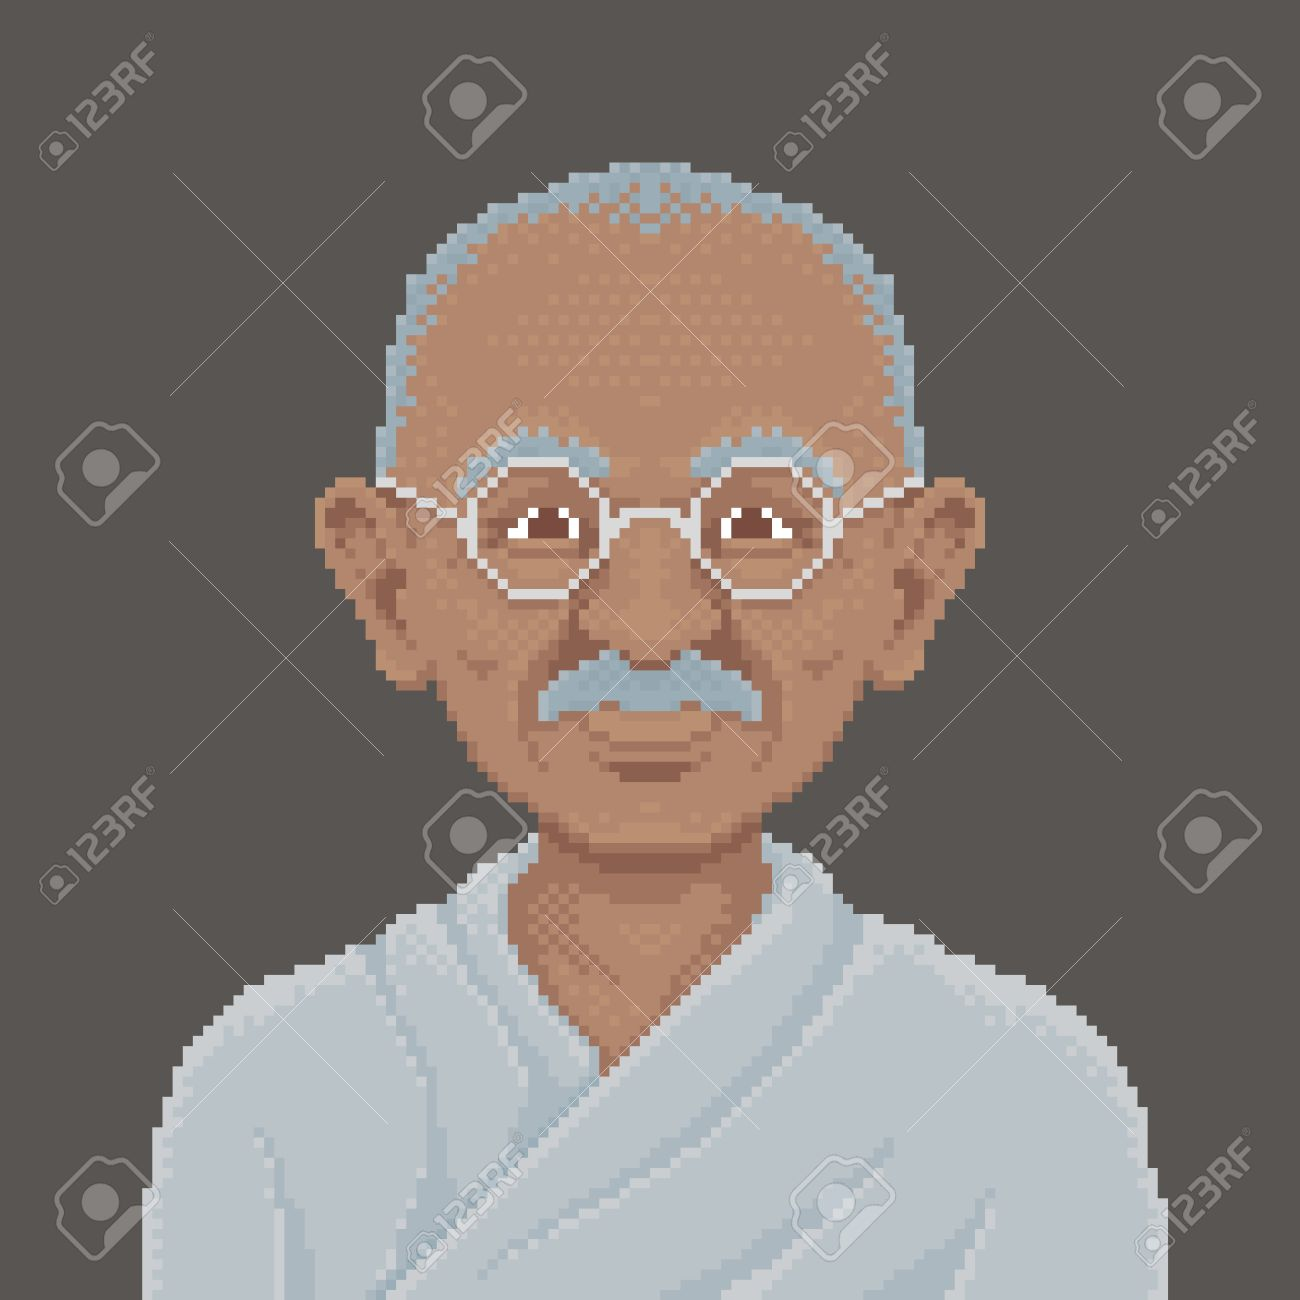 マハトマ ガンジー ピクセル アートの古典的な手法でイラストの漫画